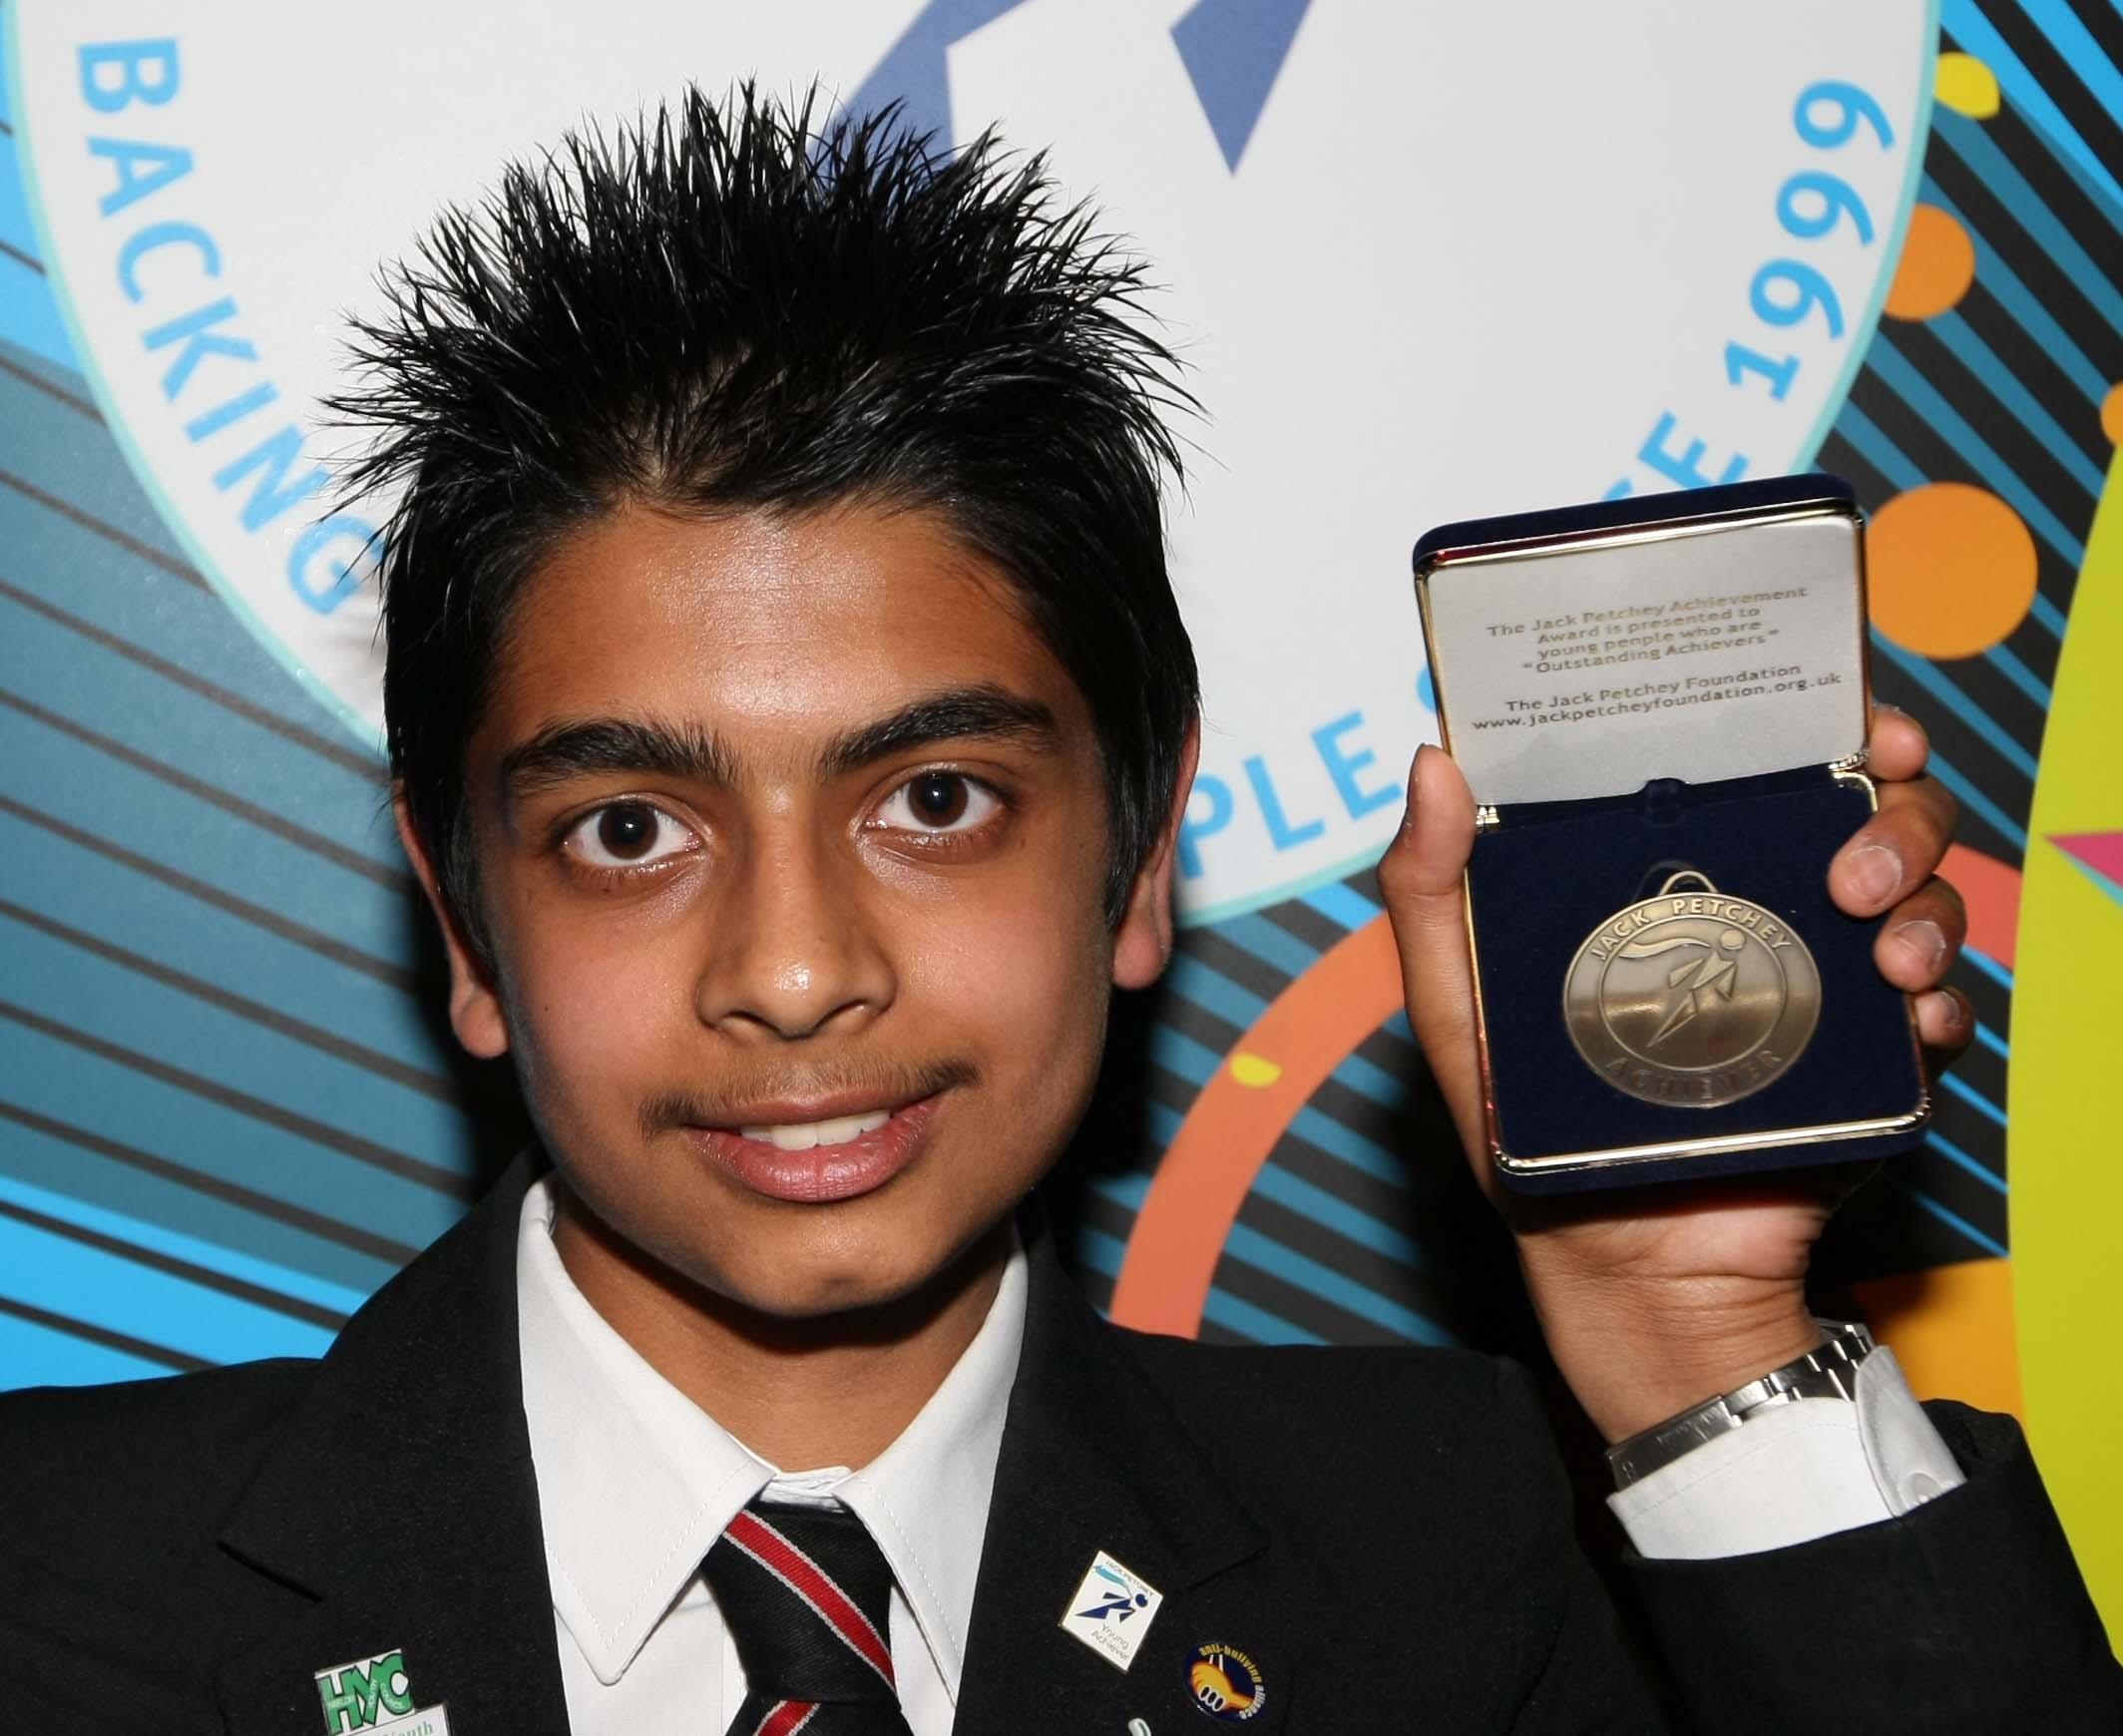 jack+petchey+cermony+22.6.2011+award+from+St+Marks+(nishall).jpg